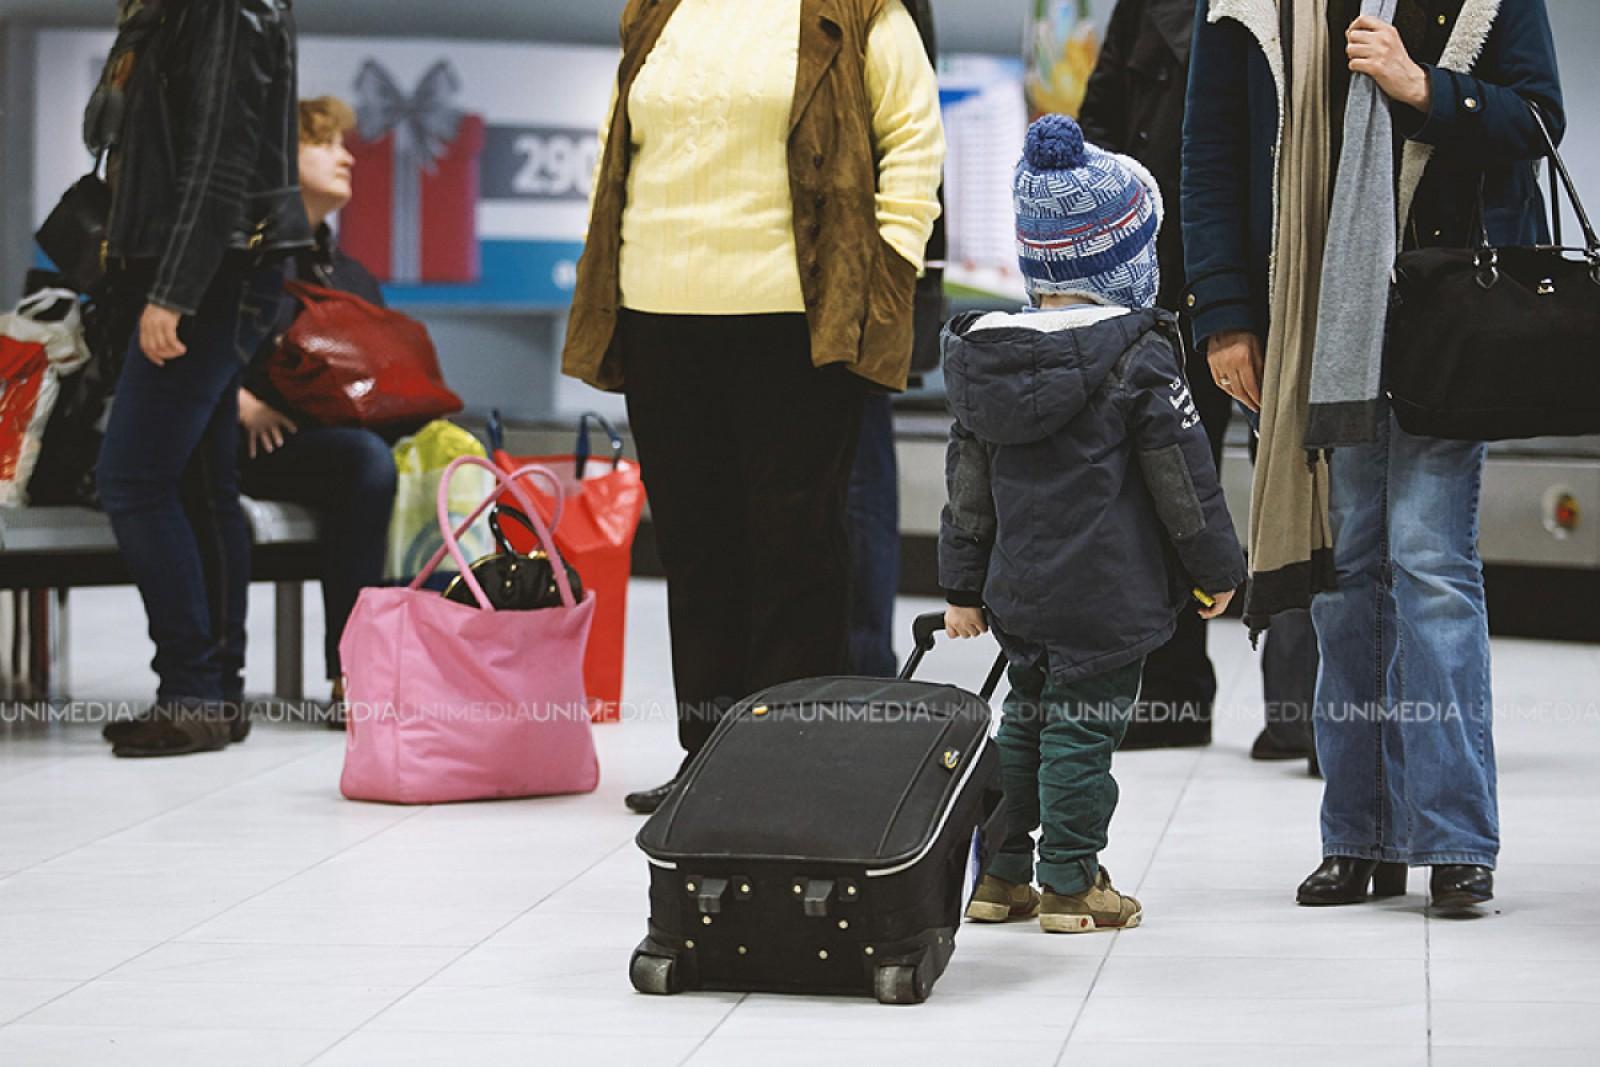 (video) Peste 100 de moldoveni, blocați de ieri seara pe un aeroport din Londra: Cursa spre Сhișinău ar fi fost amânată de mai multe ori